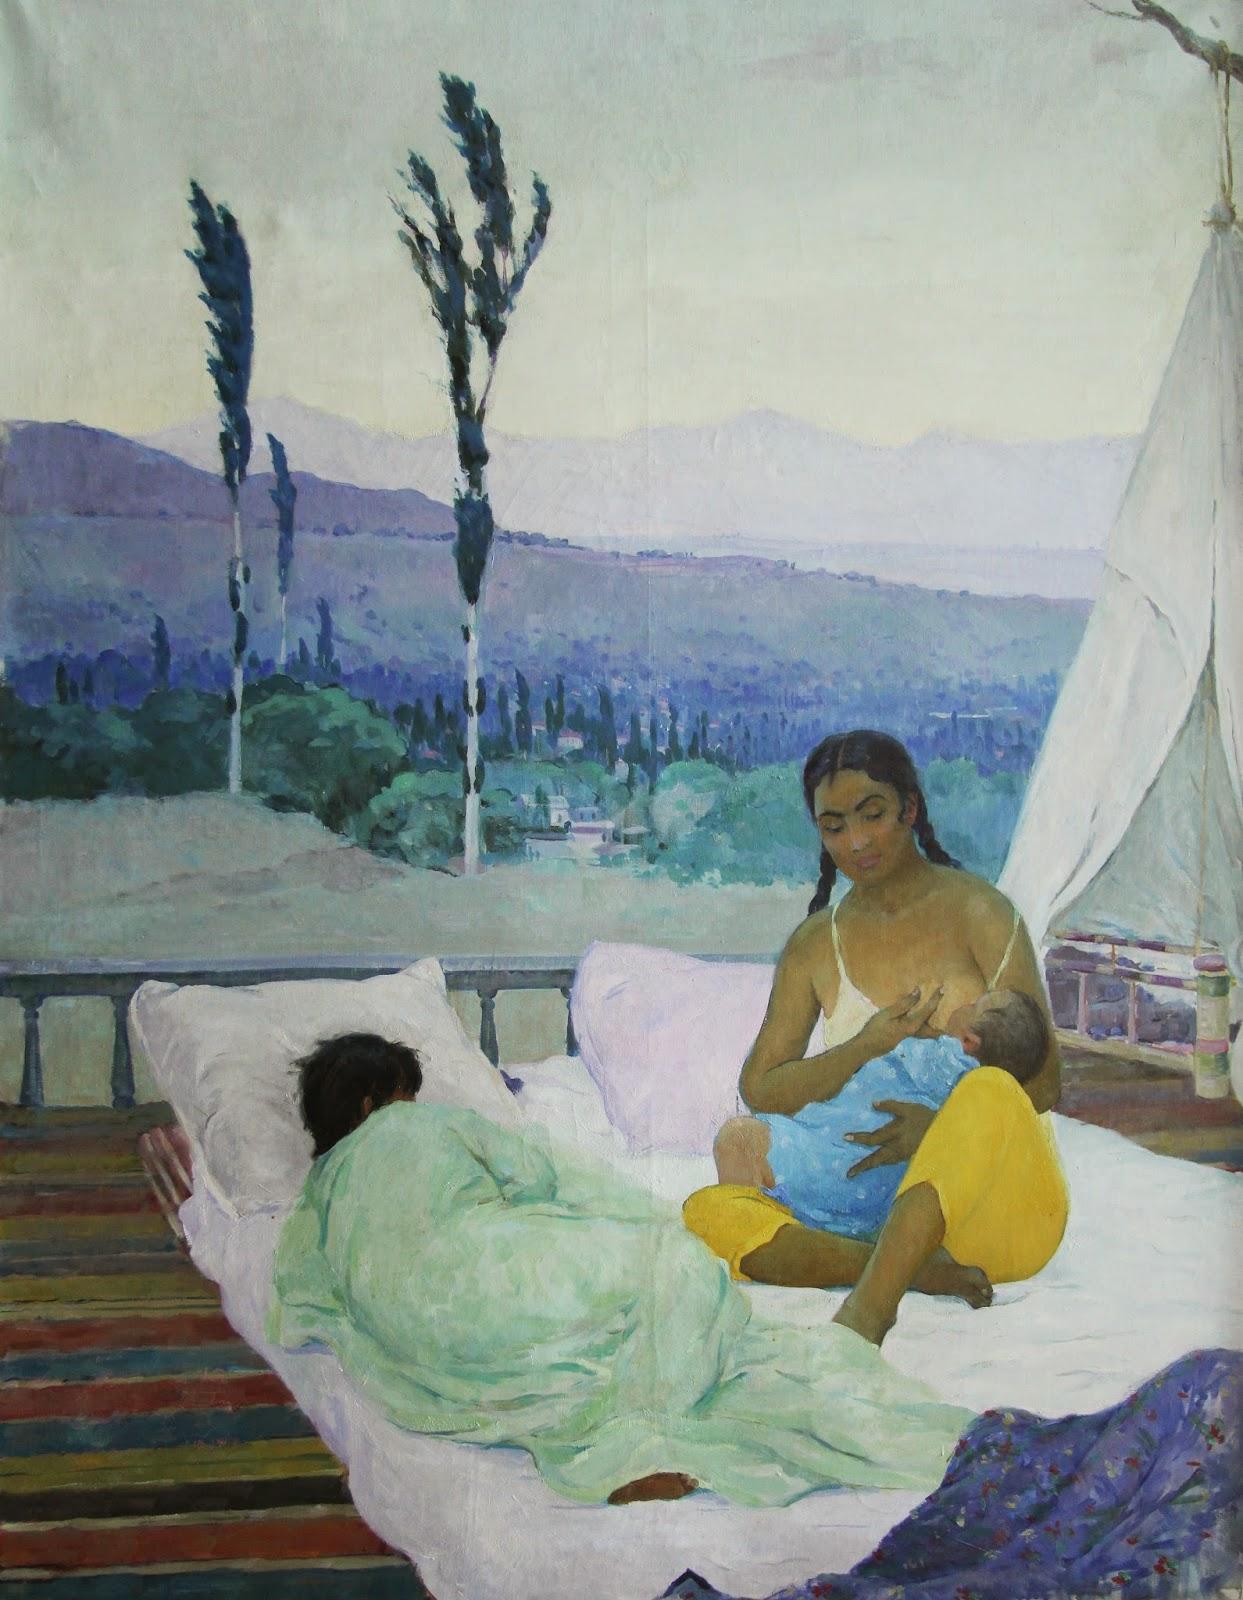 Ouzbékistan, Tachkent, Musée des Beaux-Arts, R.A. Akhmedov, Maternité, © L. Gigout, 2012